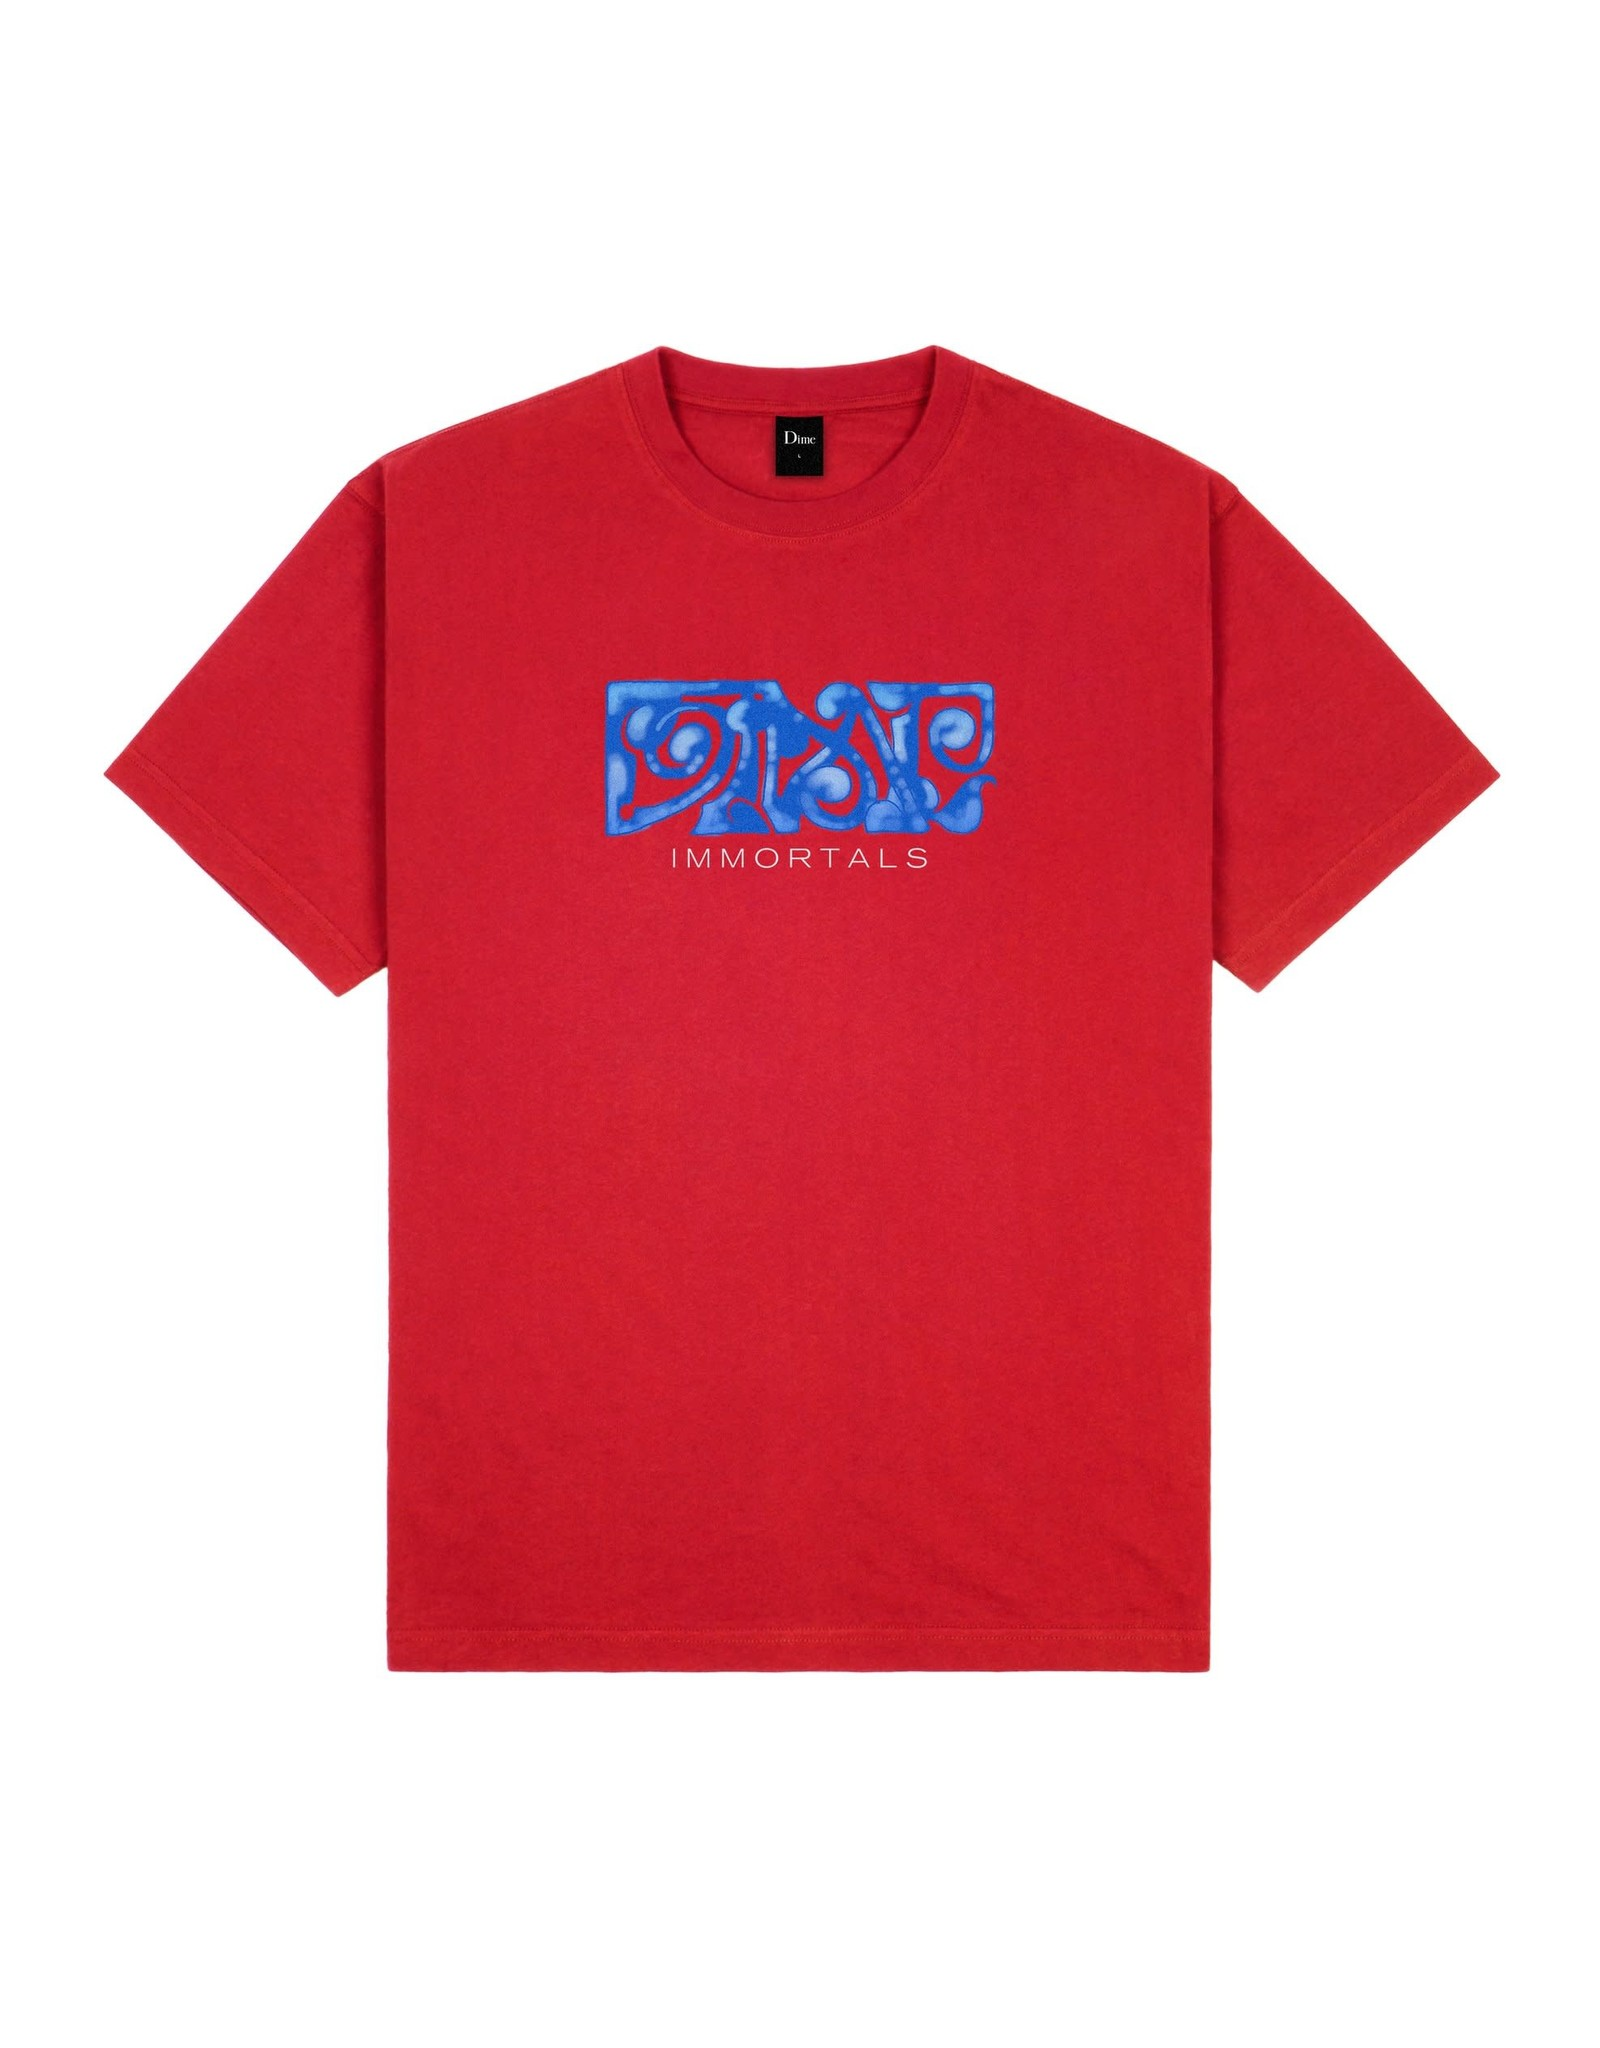 Dime Zeus T-Shirt - Cherry